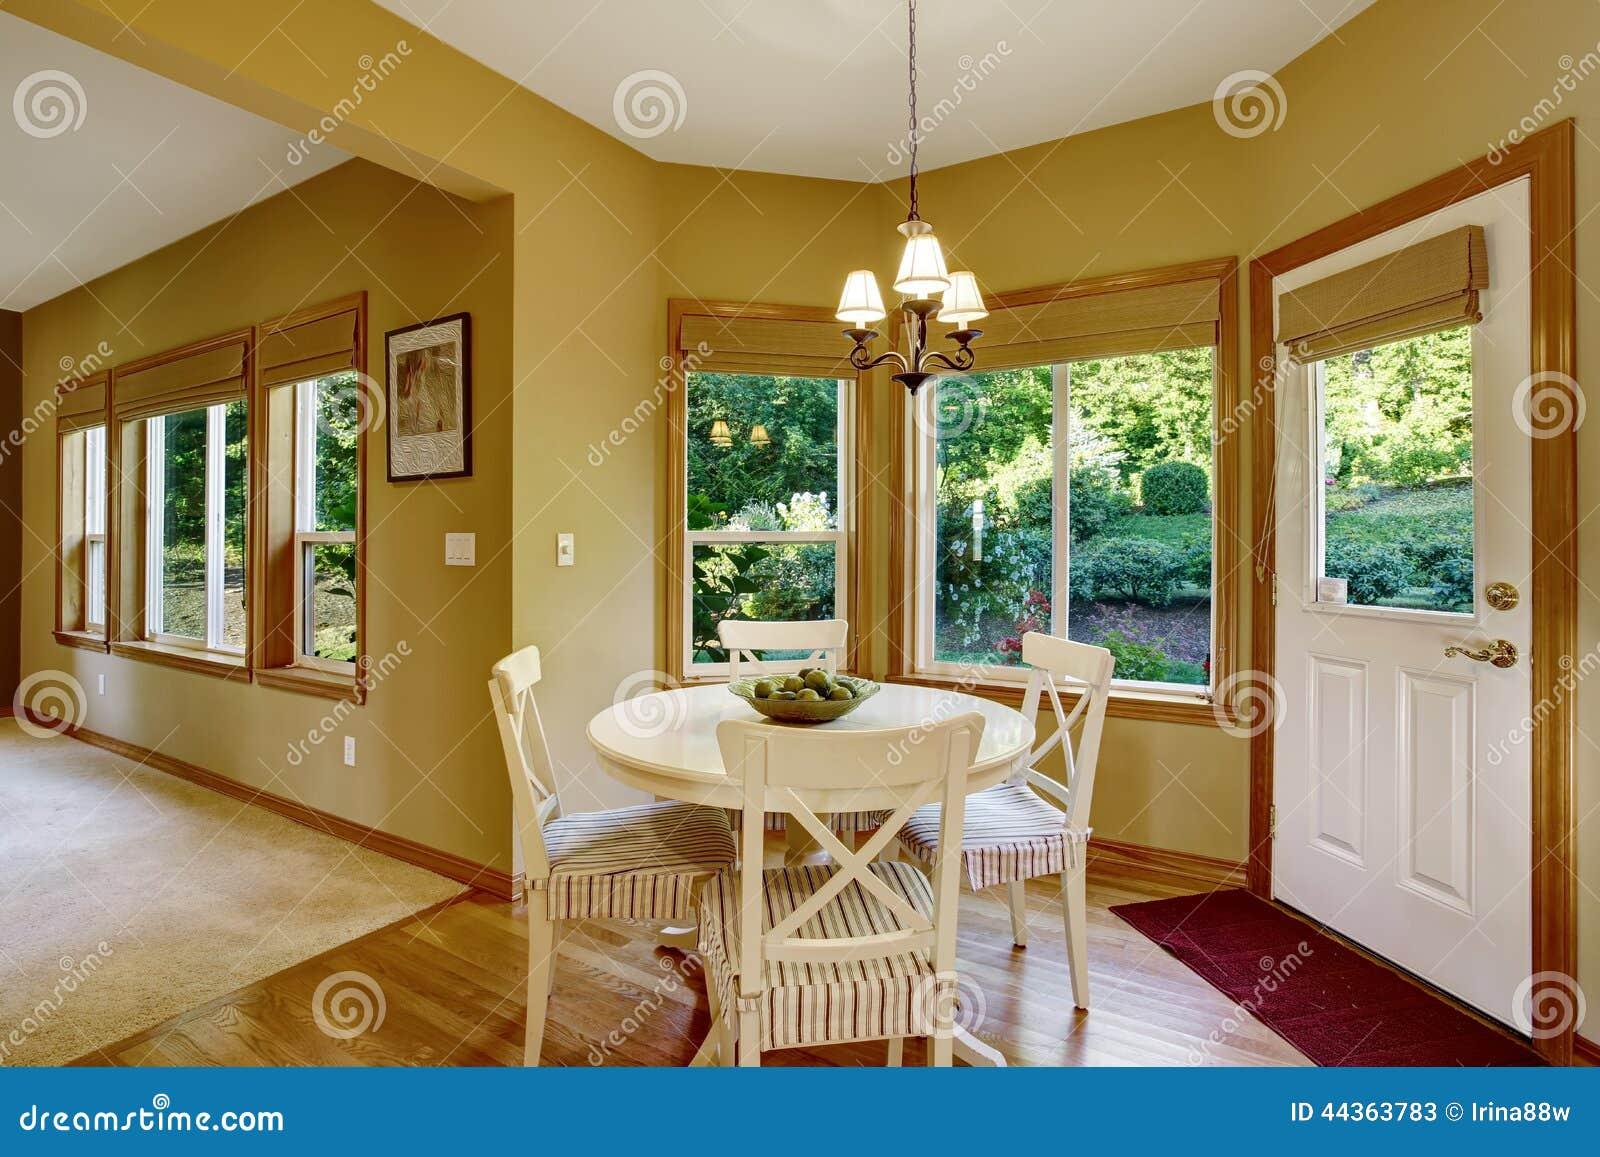 Insieme del tavolo da pranzo con ripiano rotondo e le sedie spogliate